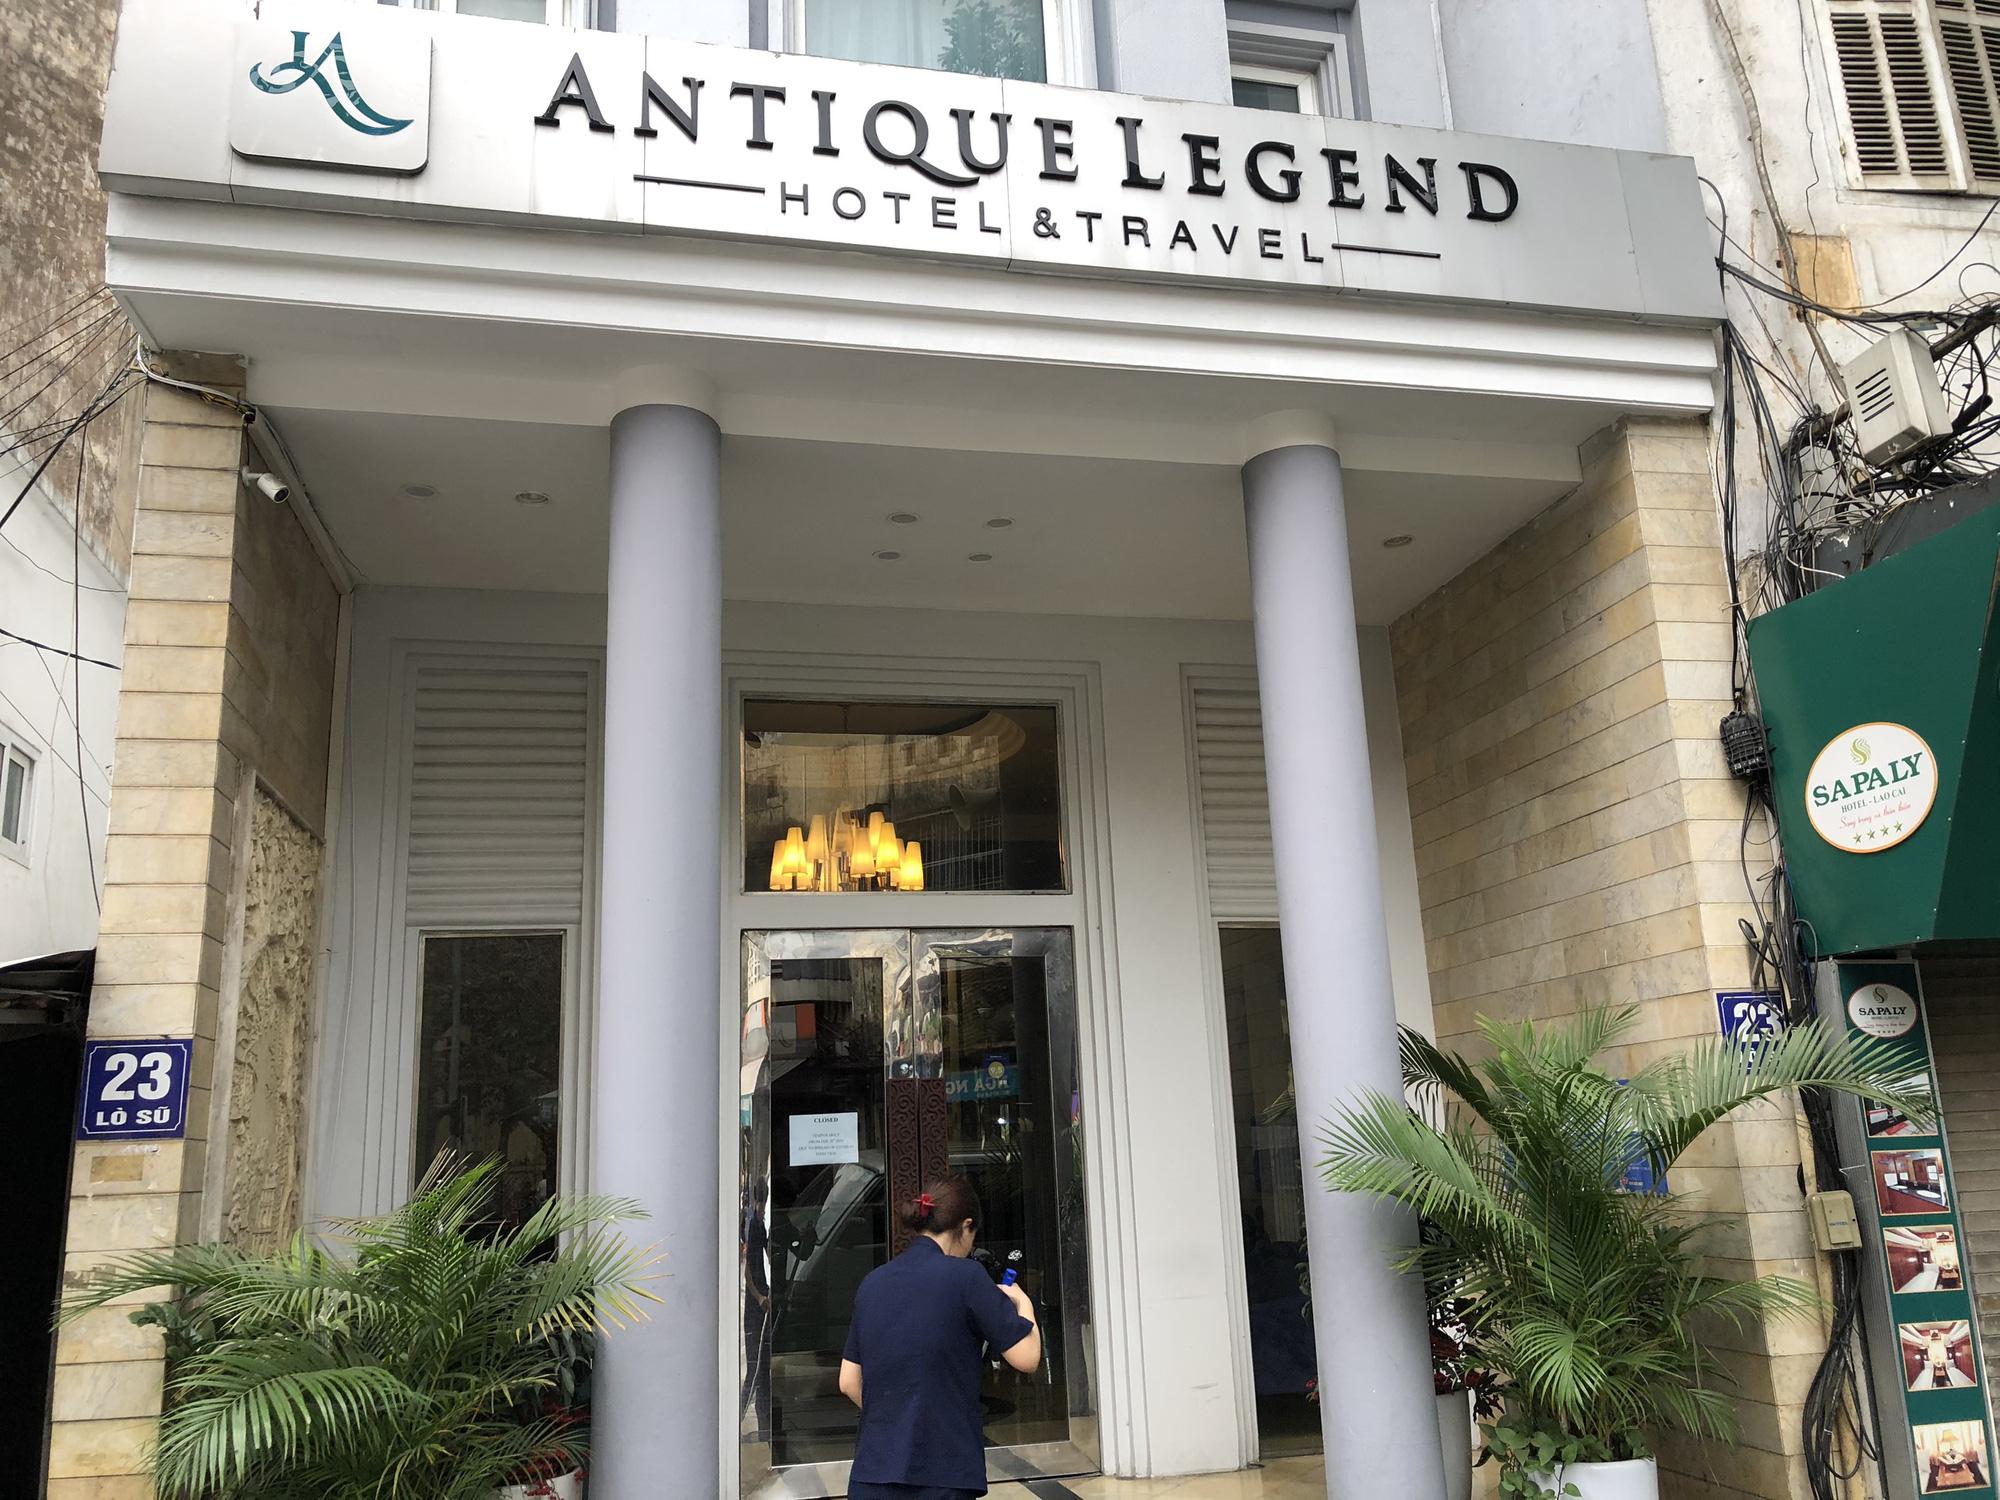 Hàng loạt khách sạn phố cổ Hà Nội đóng cửa, nhiều nơi giảm giá đến 60% để hút khách giữa mùa dịch virus corona - Ảnh 4.